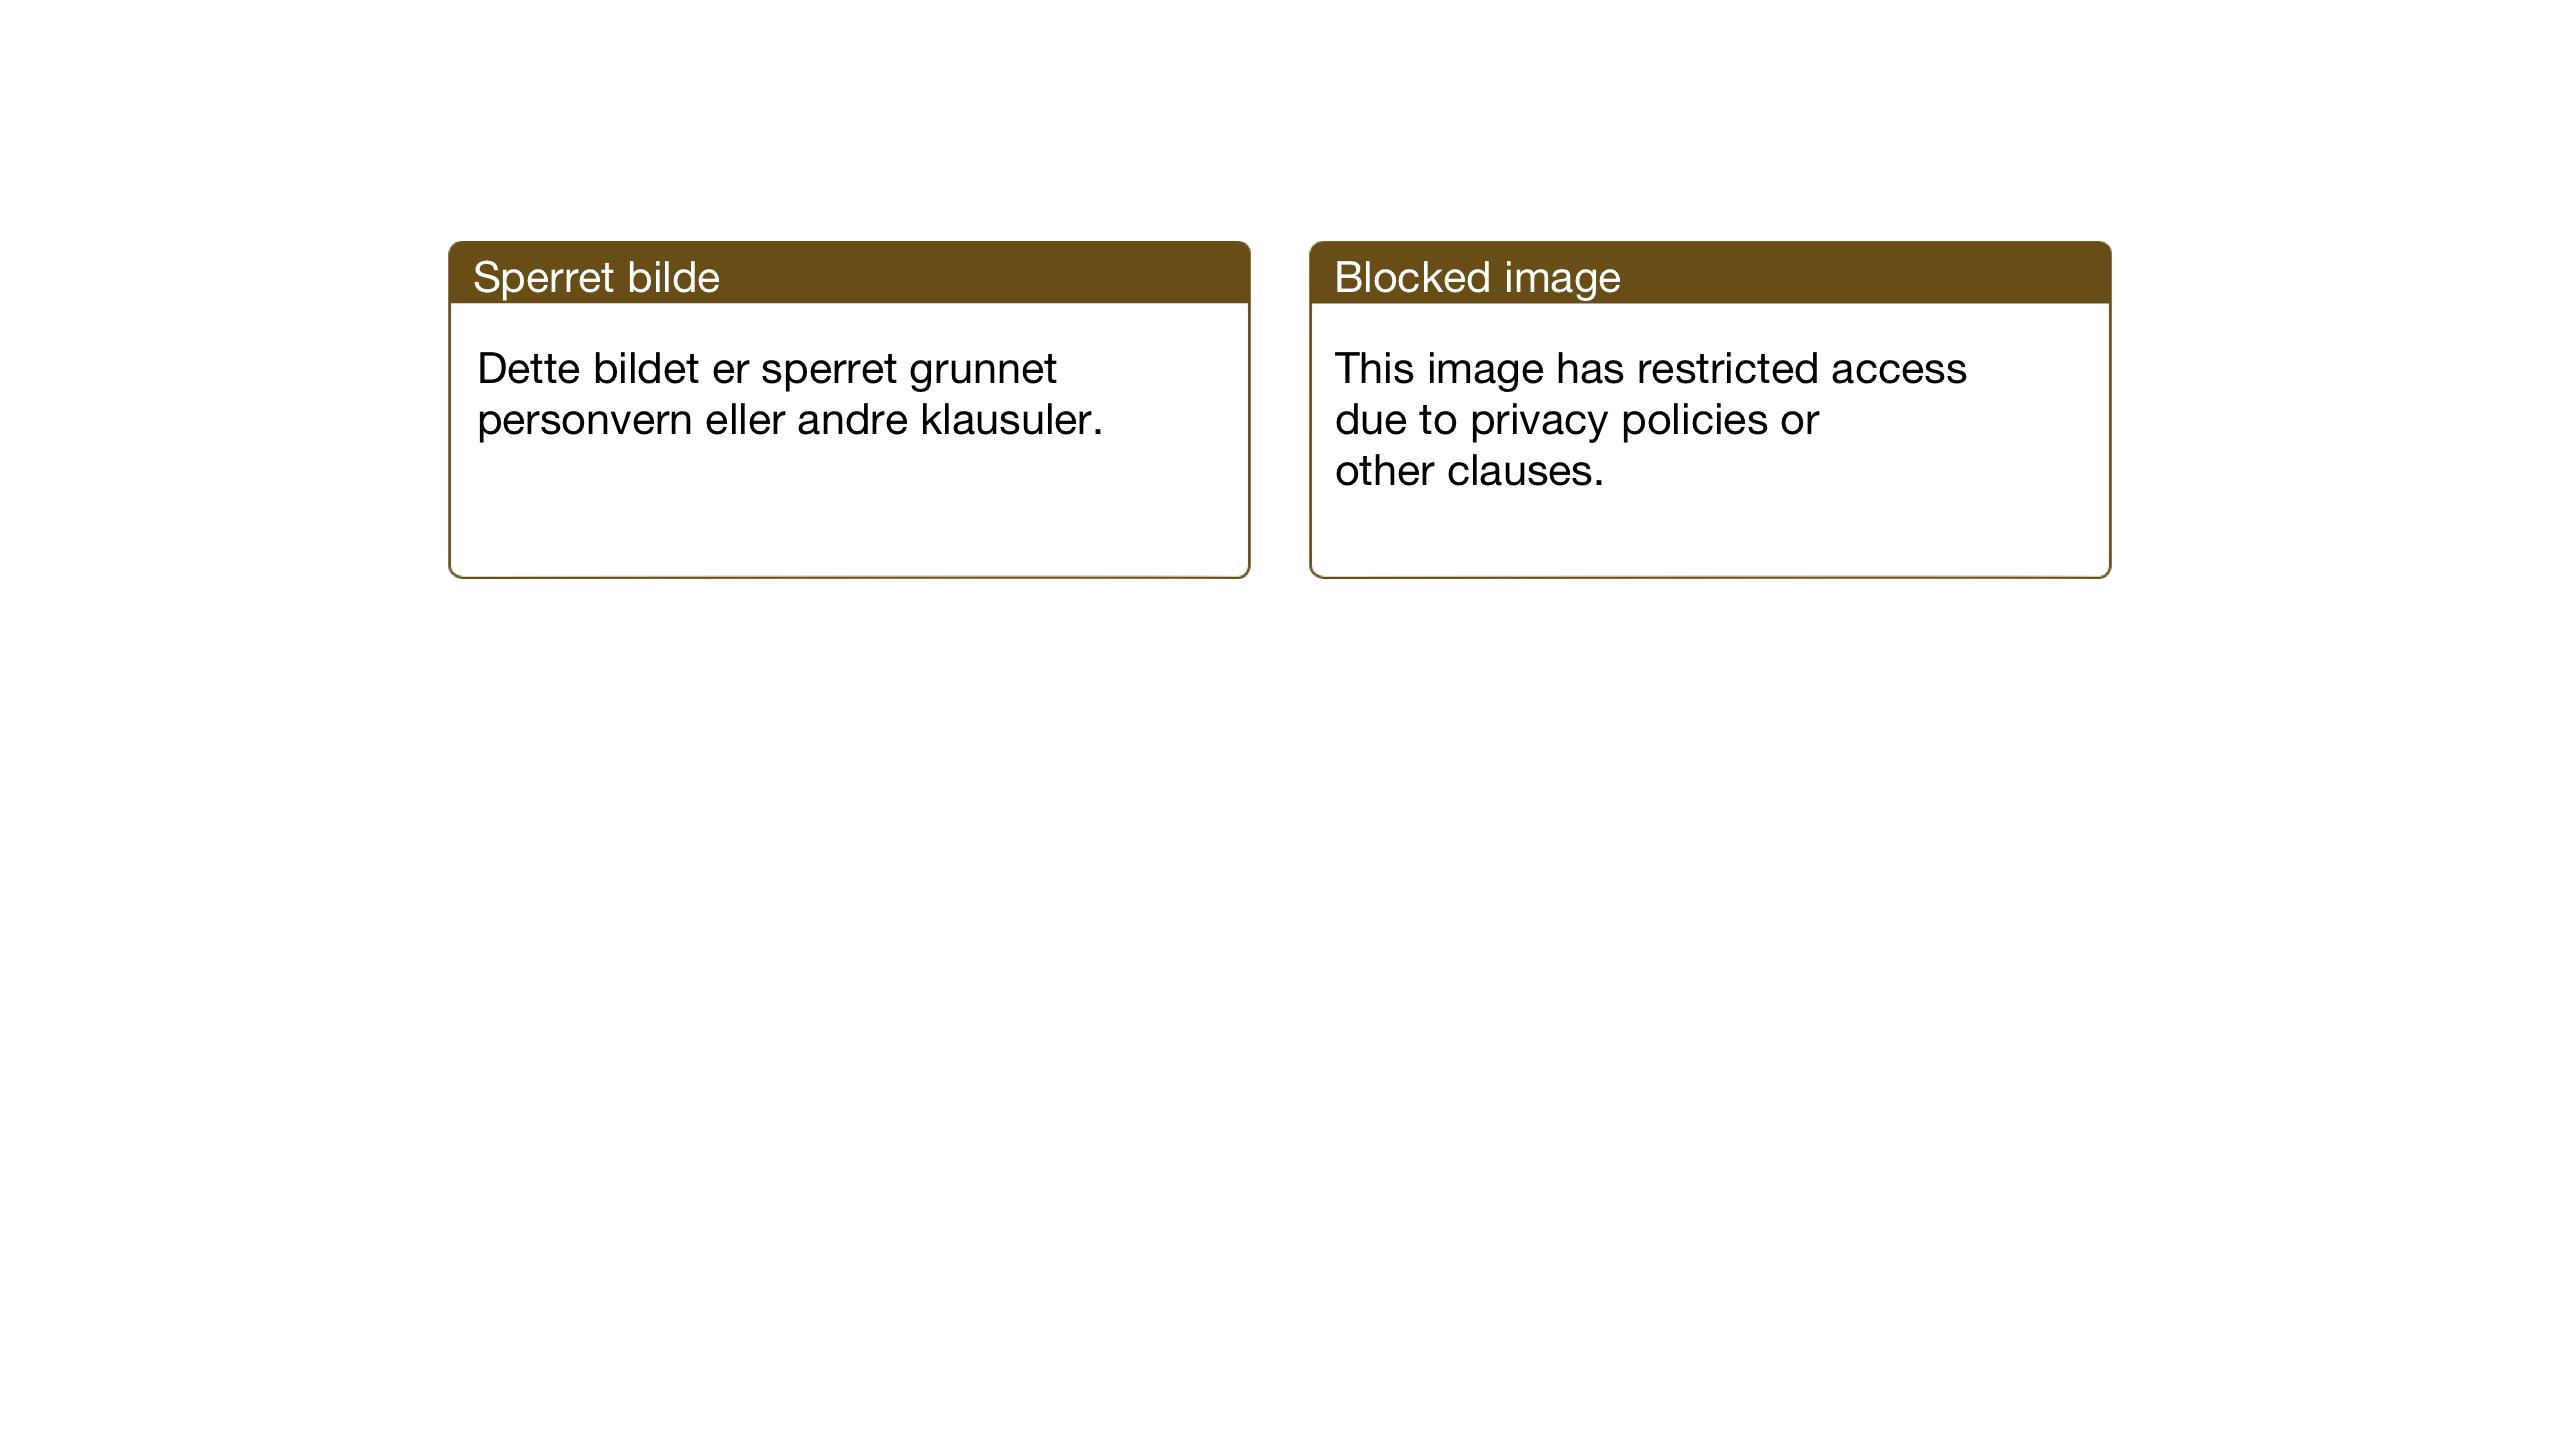 SAT, Ministerialprotokoller, klokkerbøker og fødselsregistre - Nord-Trøndelag, 773/L0625: Klokkerbok nr. 773C01, 1910-1952, s. 99